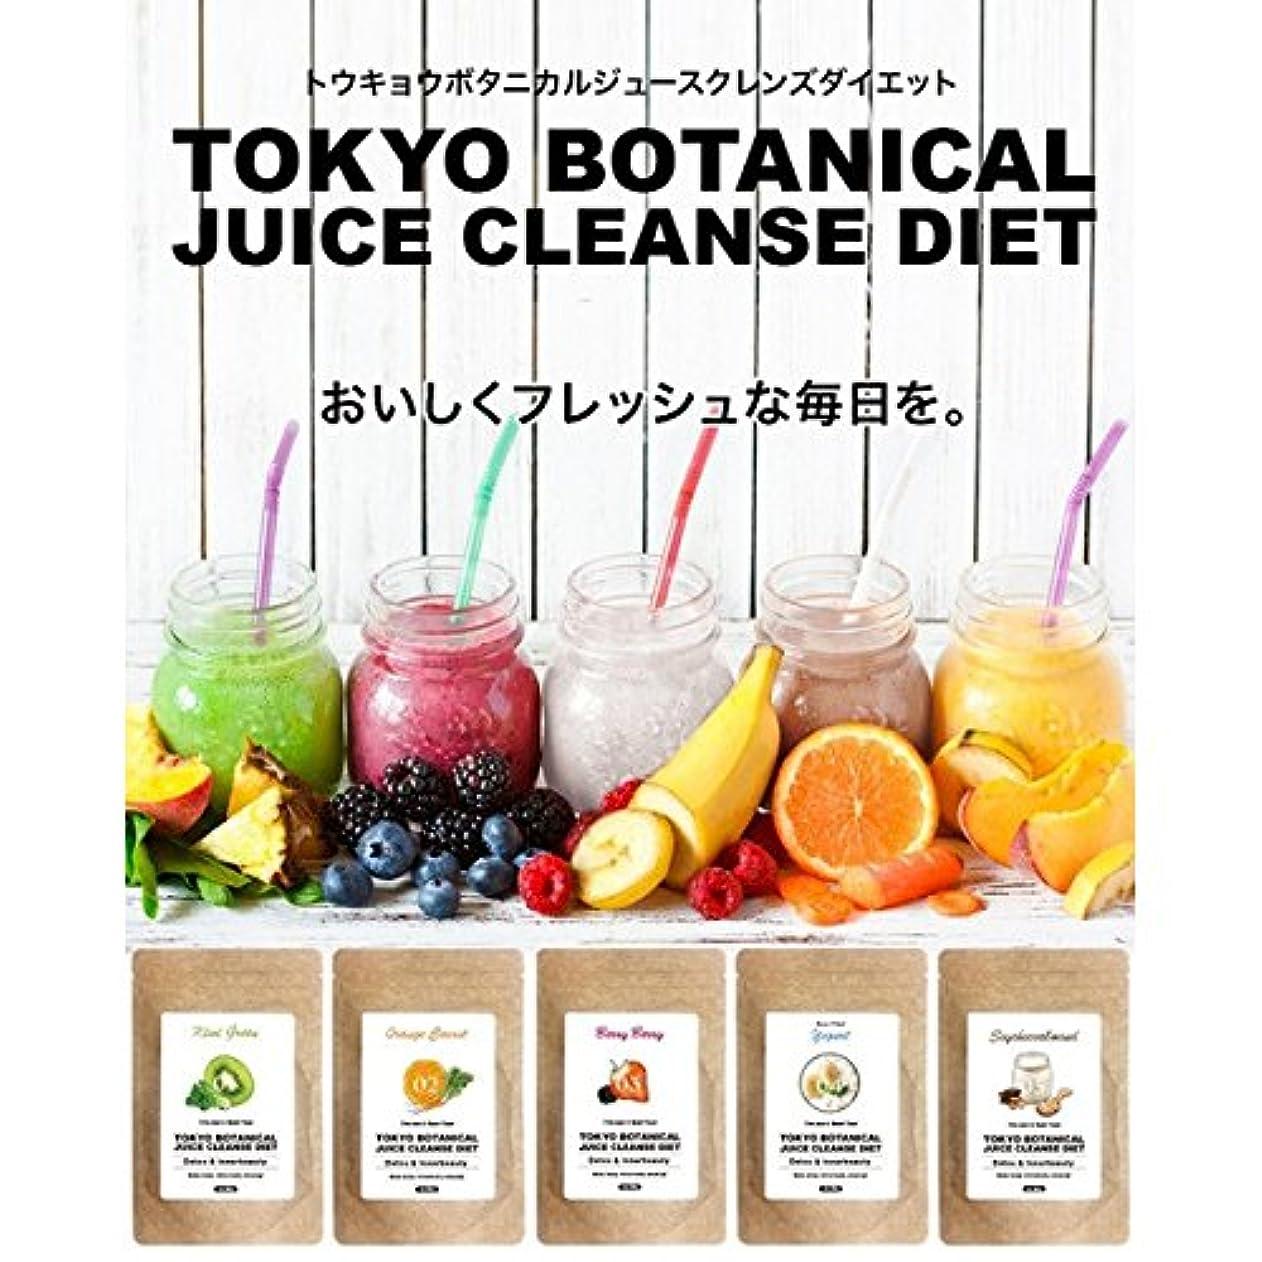 小川管理します驚くべき東京ボタニカルジュースクレンズダイエット  ベリーベリー&オレンジキャロットセット